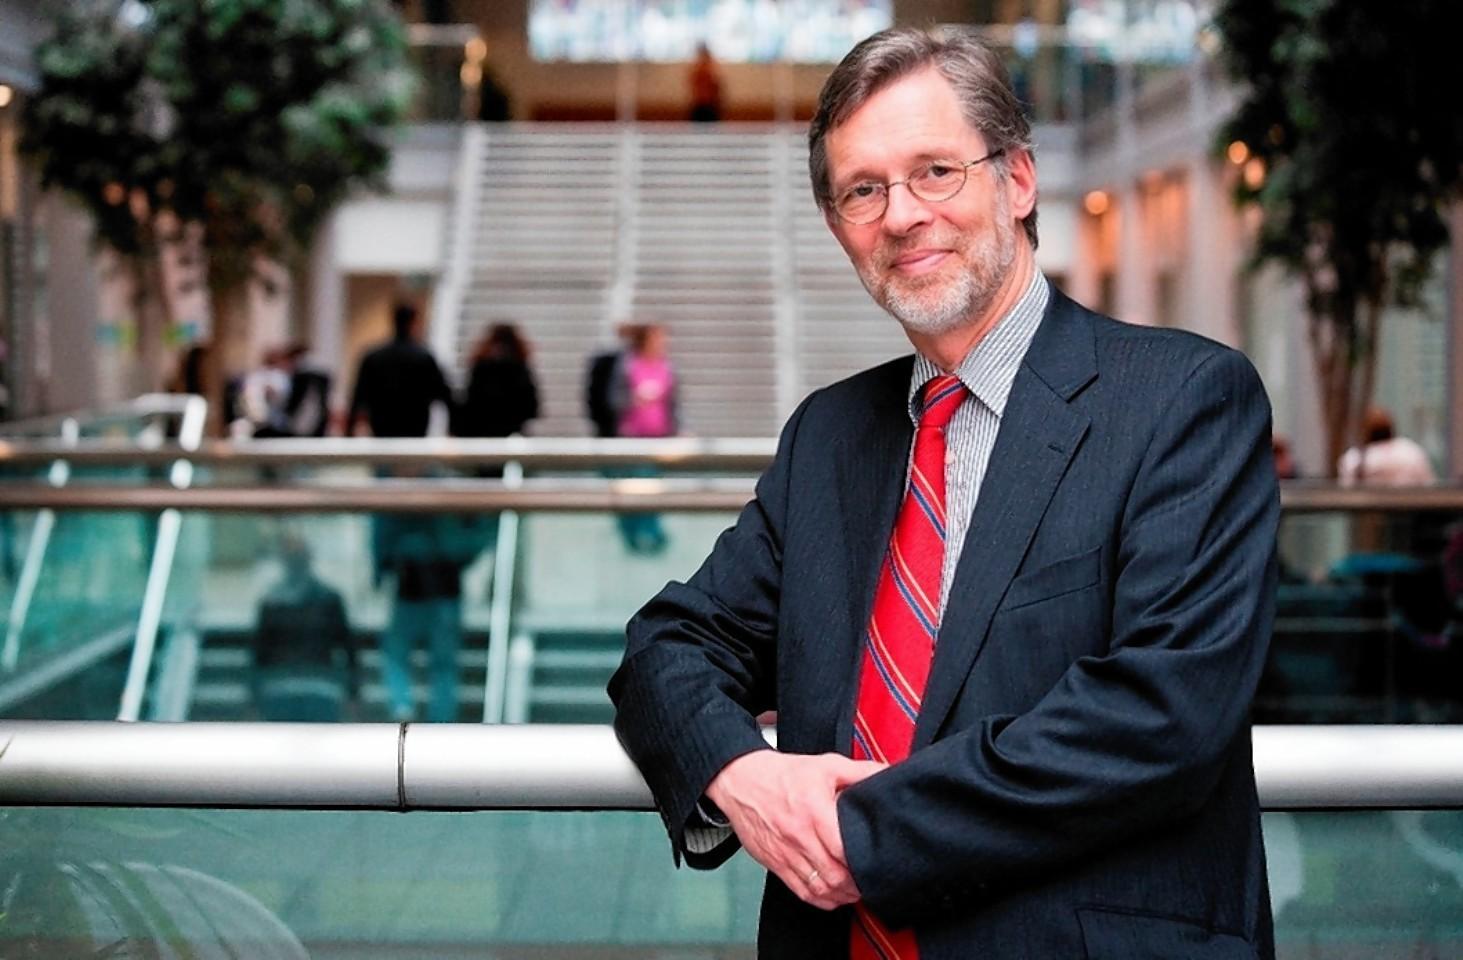 Professor Ferdinand von Prondzyknski, RGU principal